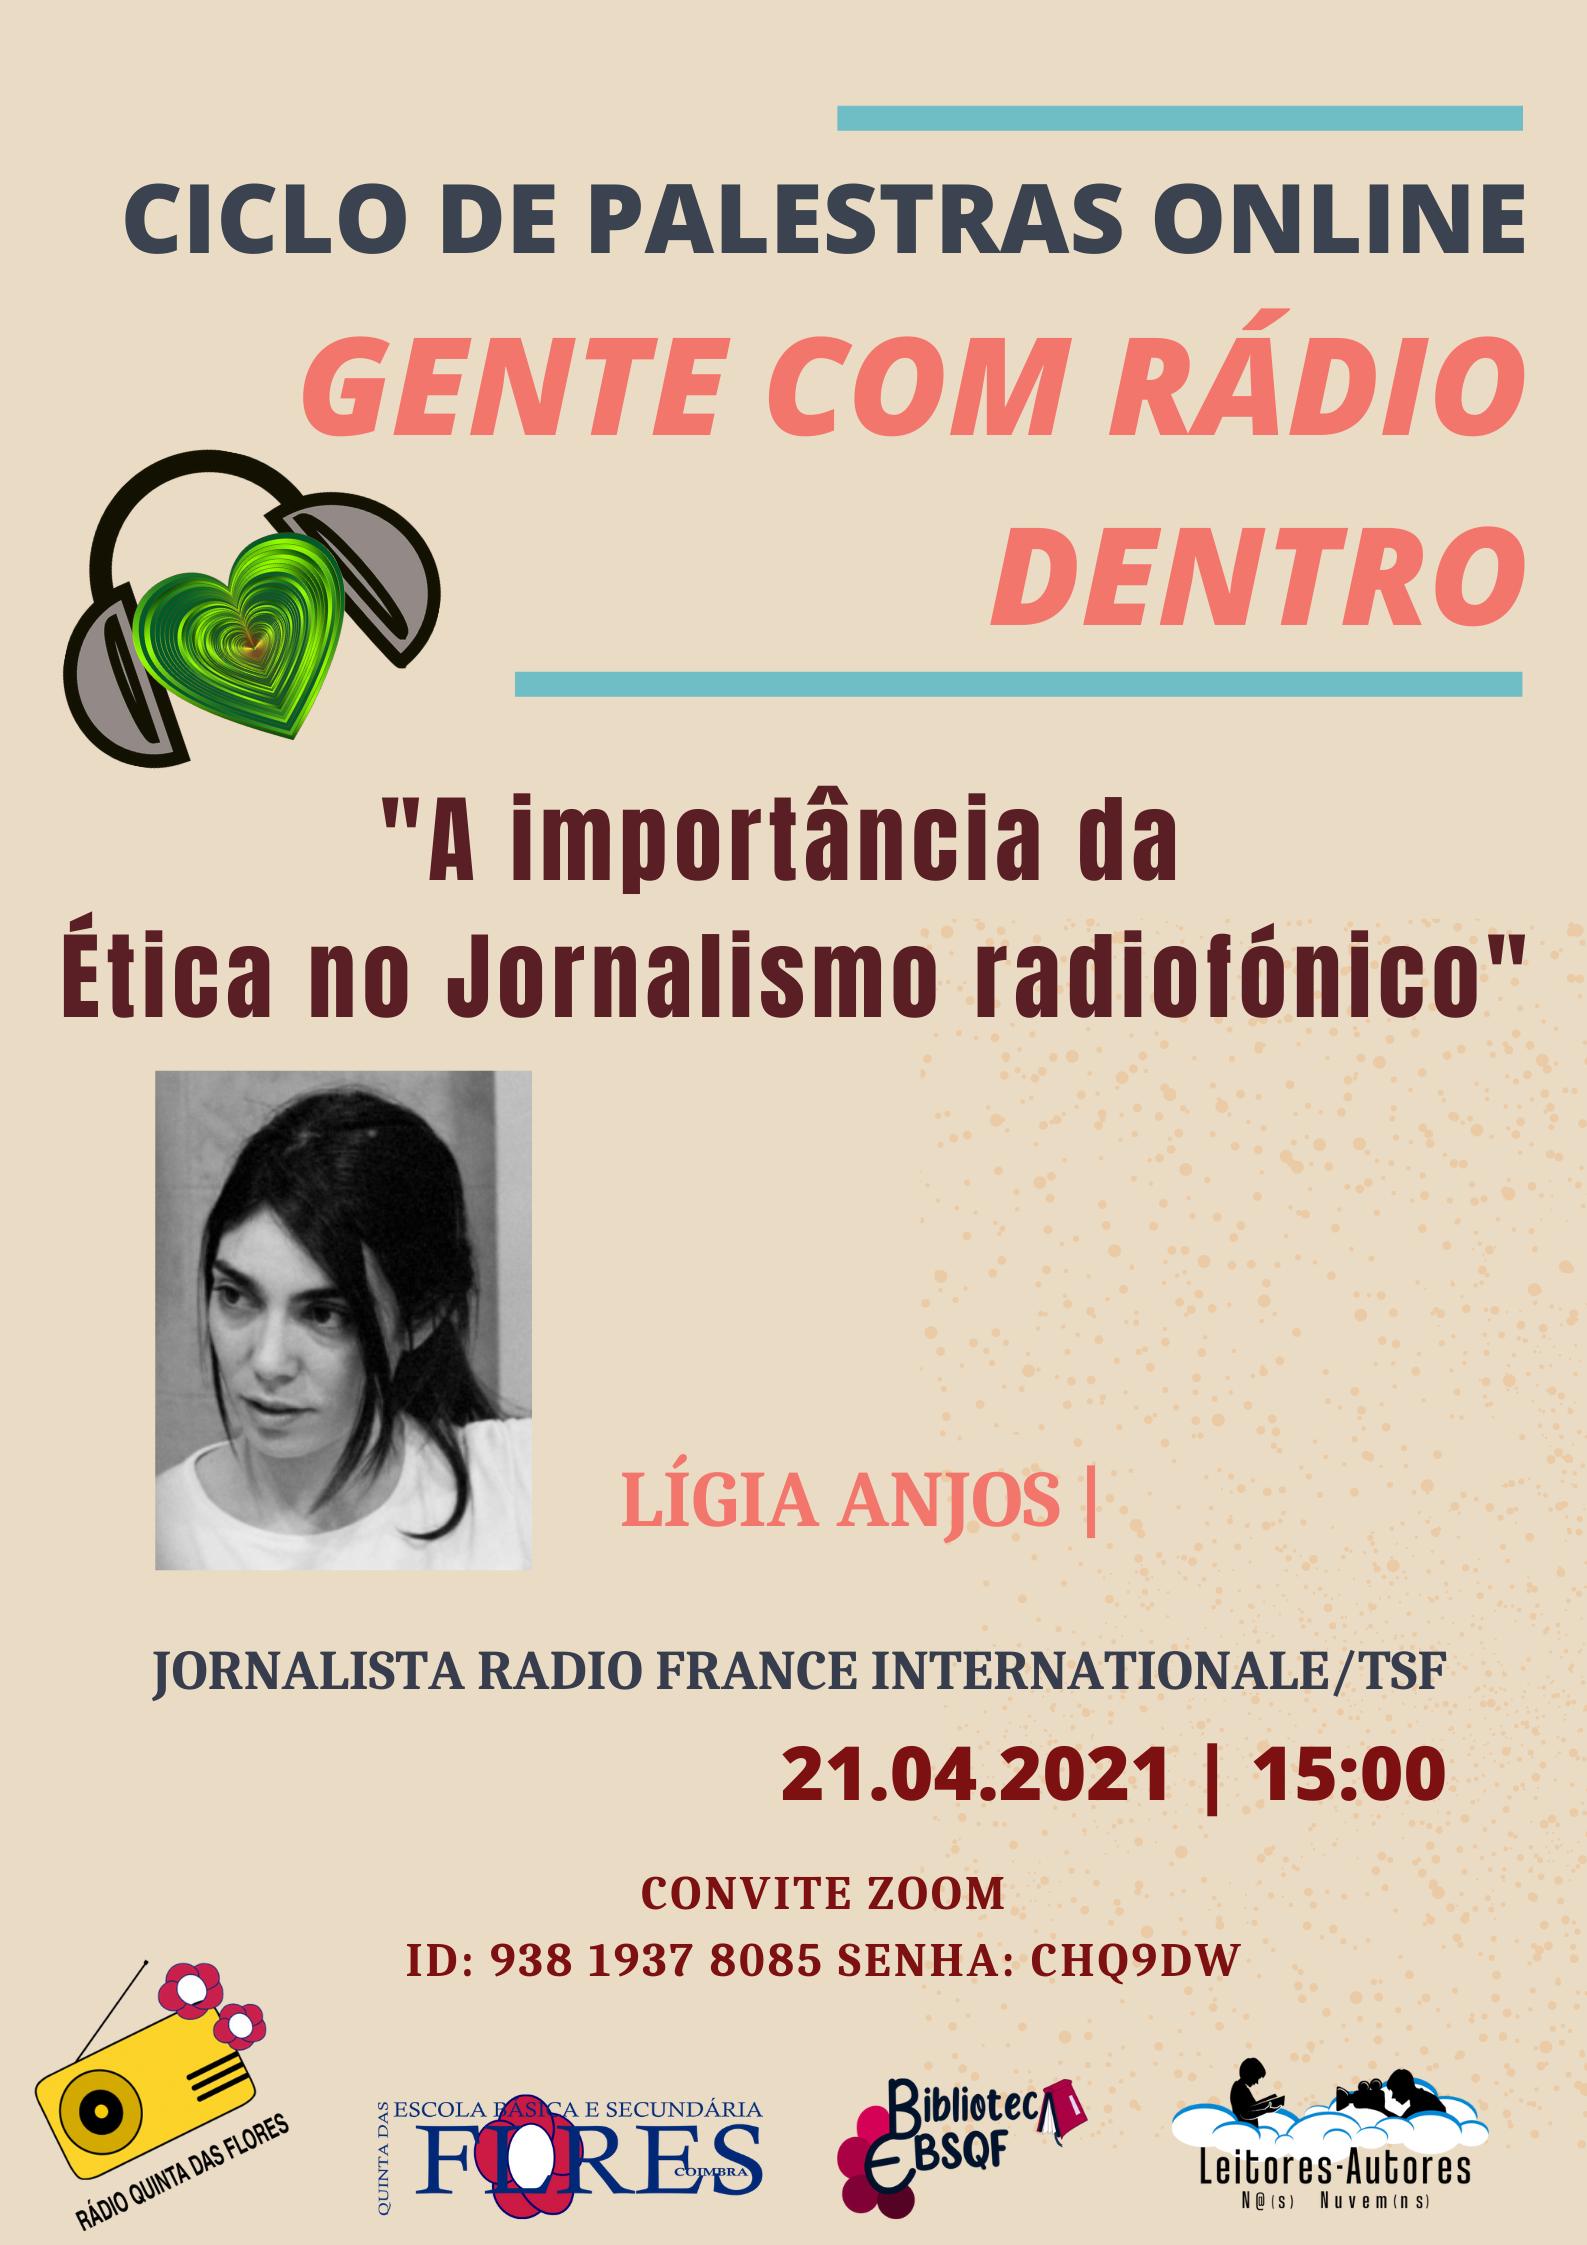 Palestra online – A importância da ética no jornalismo radiofónico